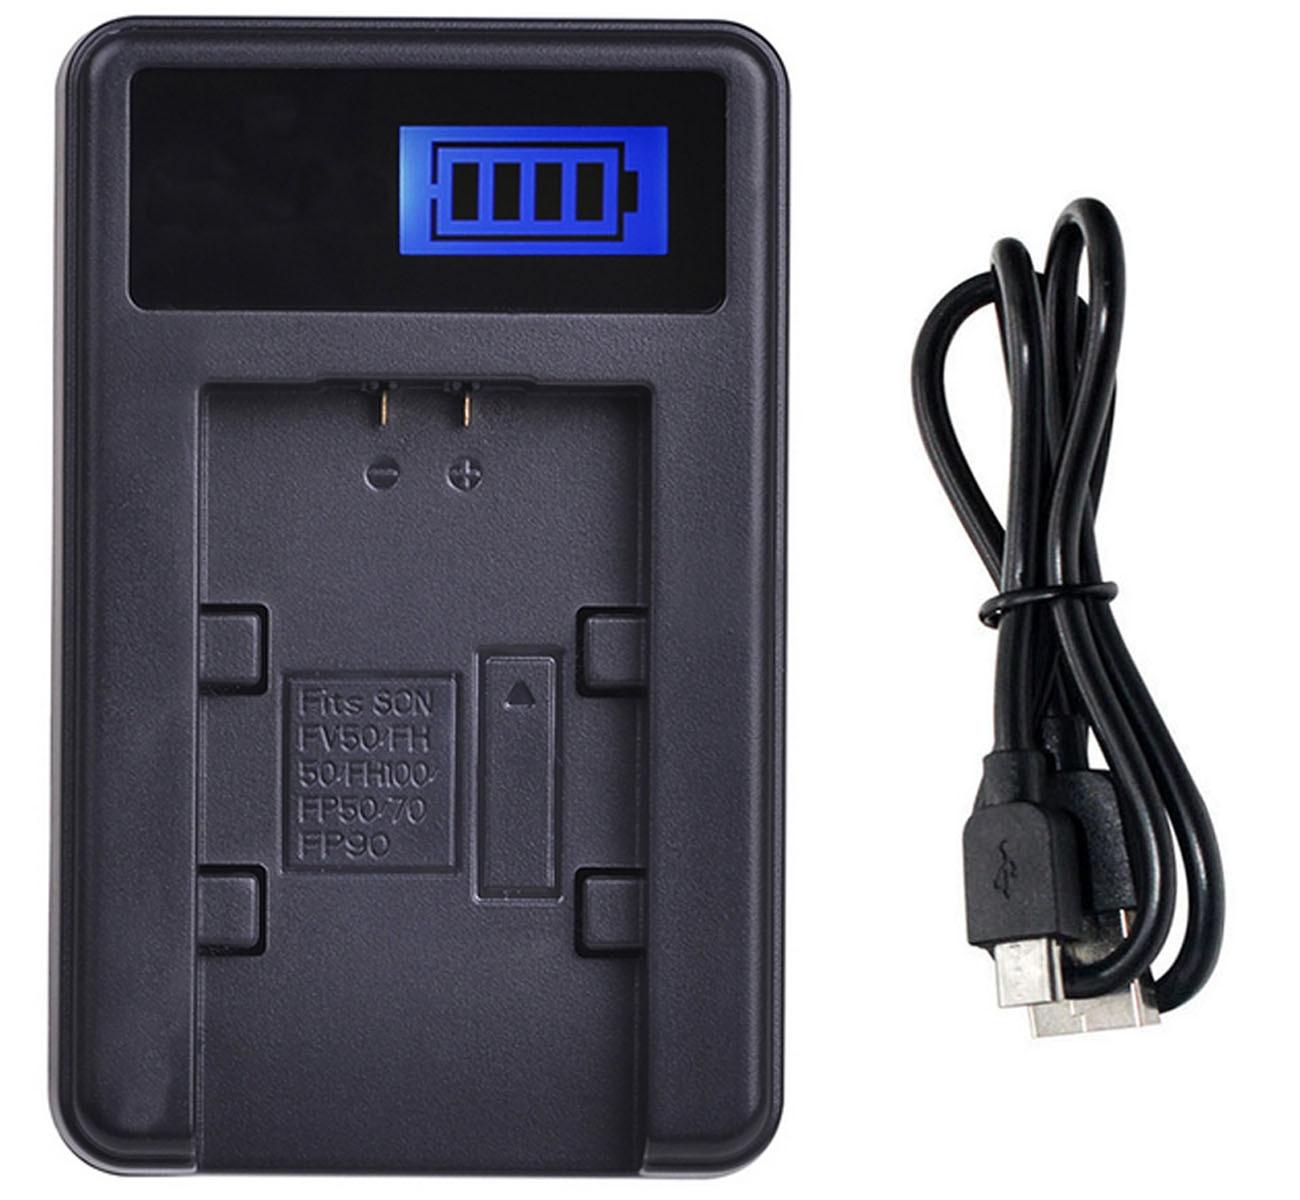 DCR-HC94E DCR-HC65E DCR-HC96 LCD USB Battery Charger for Sony DCR-HC65 DCR-HC85 DCR-HC96E Handycam Camcorder DCR-HC85E DCR-HC94